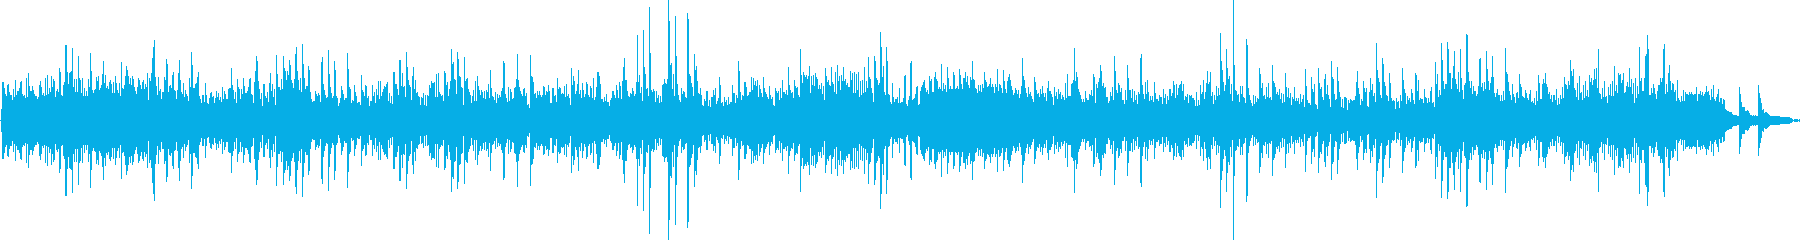 ベートーベンの名曲、月光をピアノ演奏での再生済みの波形